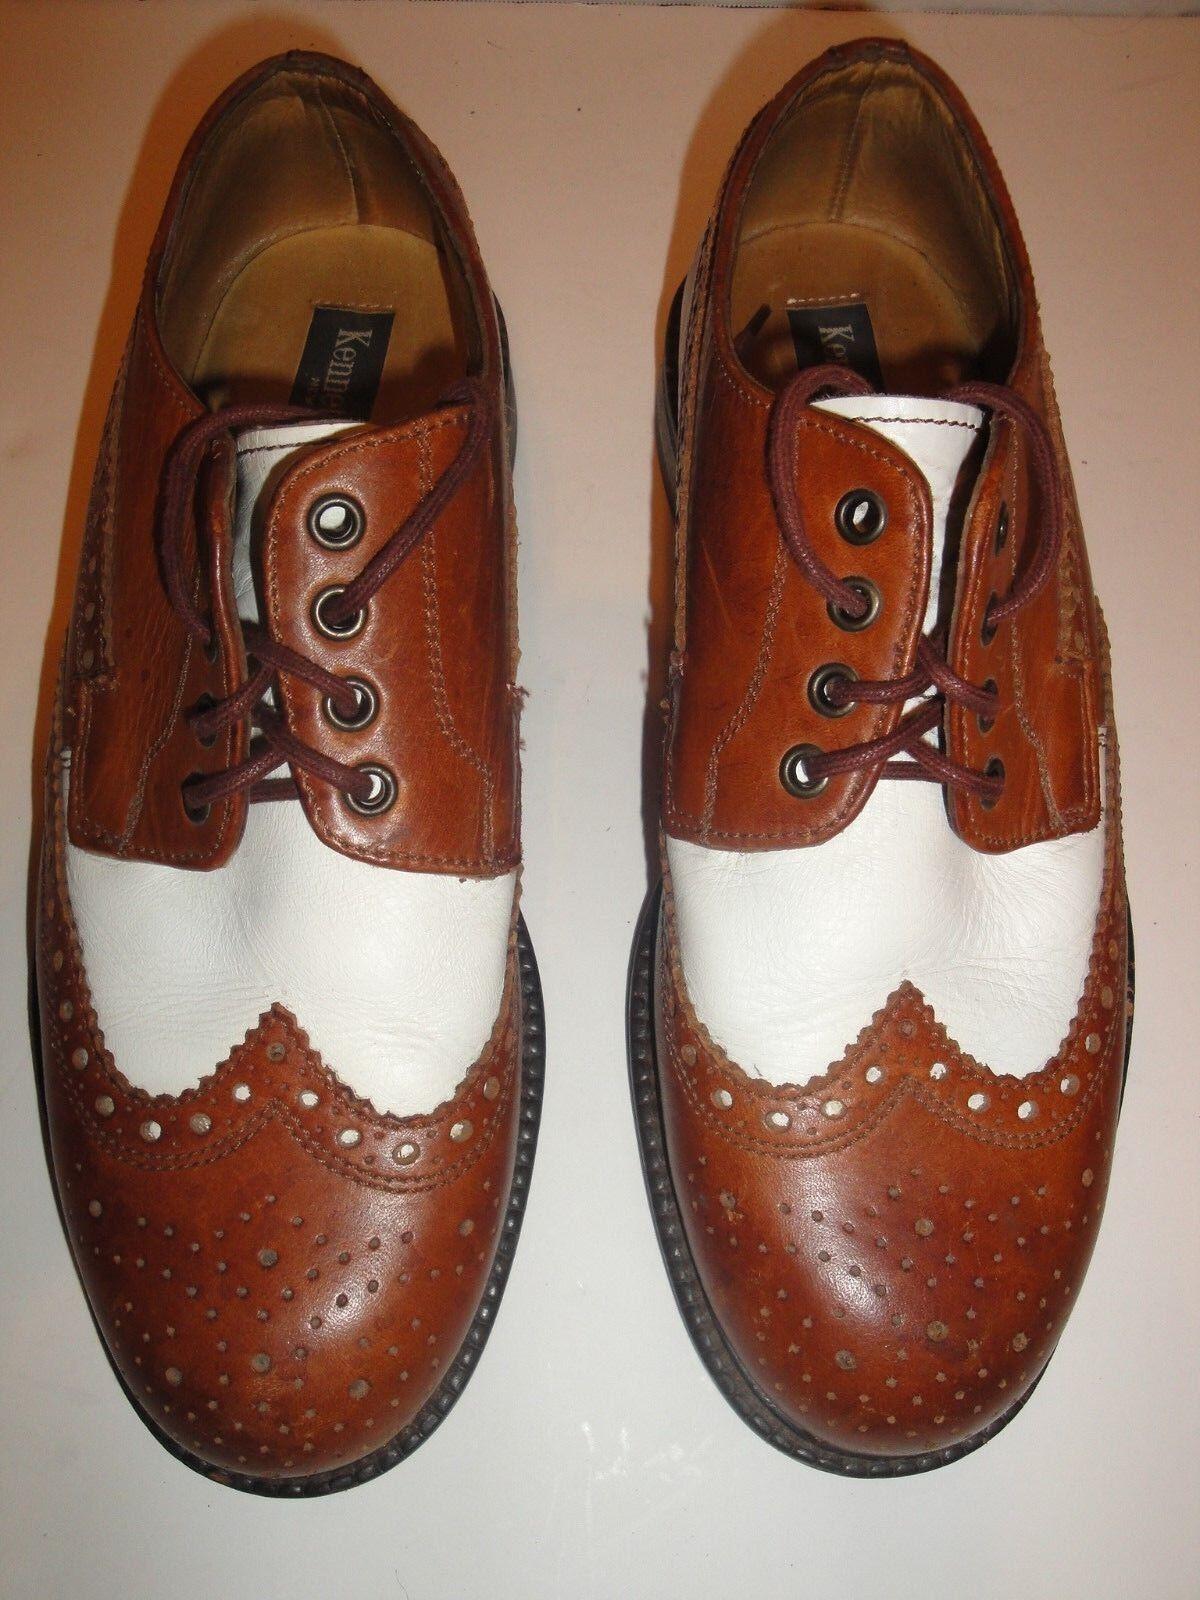 prodotto di qualità KENNETH COLE Marrone Marrone Marrone OFF bianca WING TIP OXFORD Uomo scarpe Dimensione 8 M  per il tuo stile di gioco ai prezzi più bassi